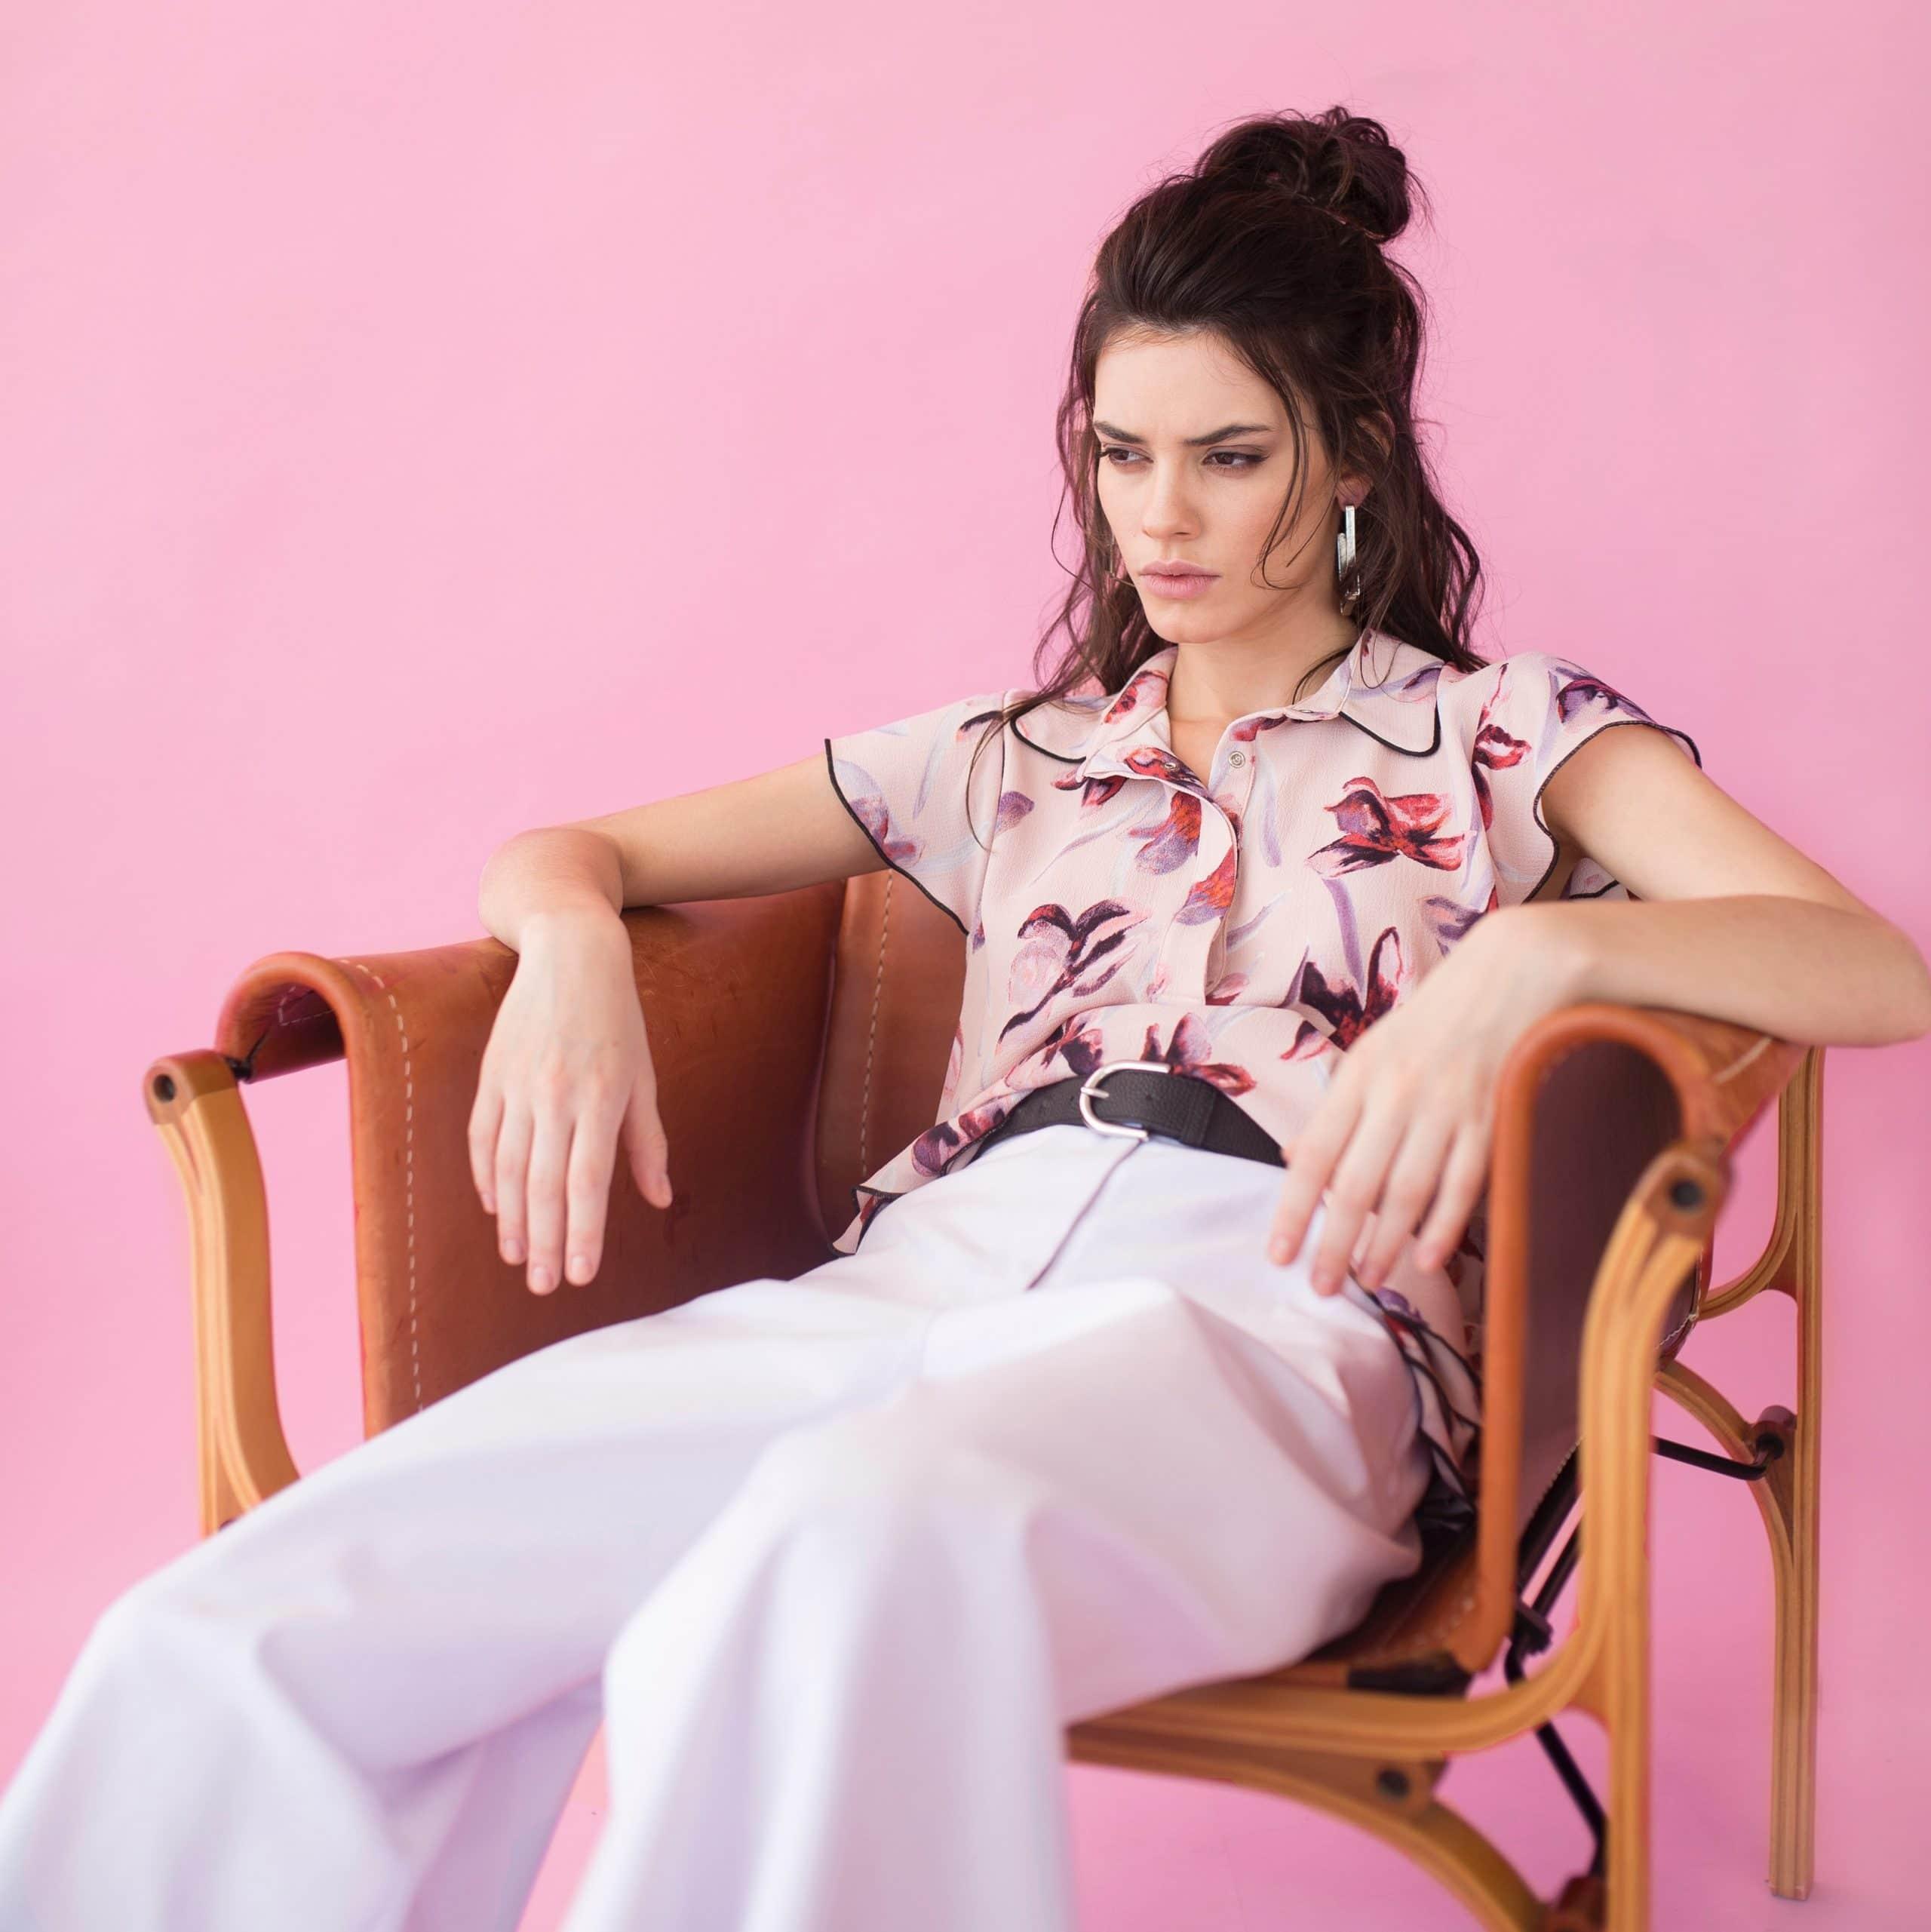 Mulher sentada em uma poltrona com as pernas abertas e expressão irritada.